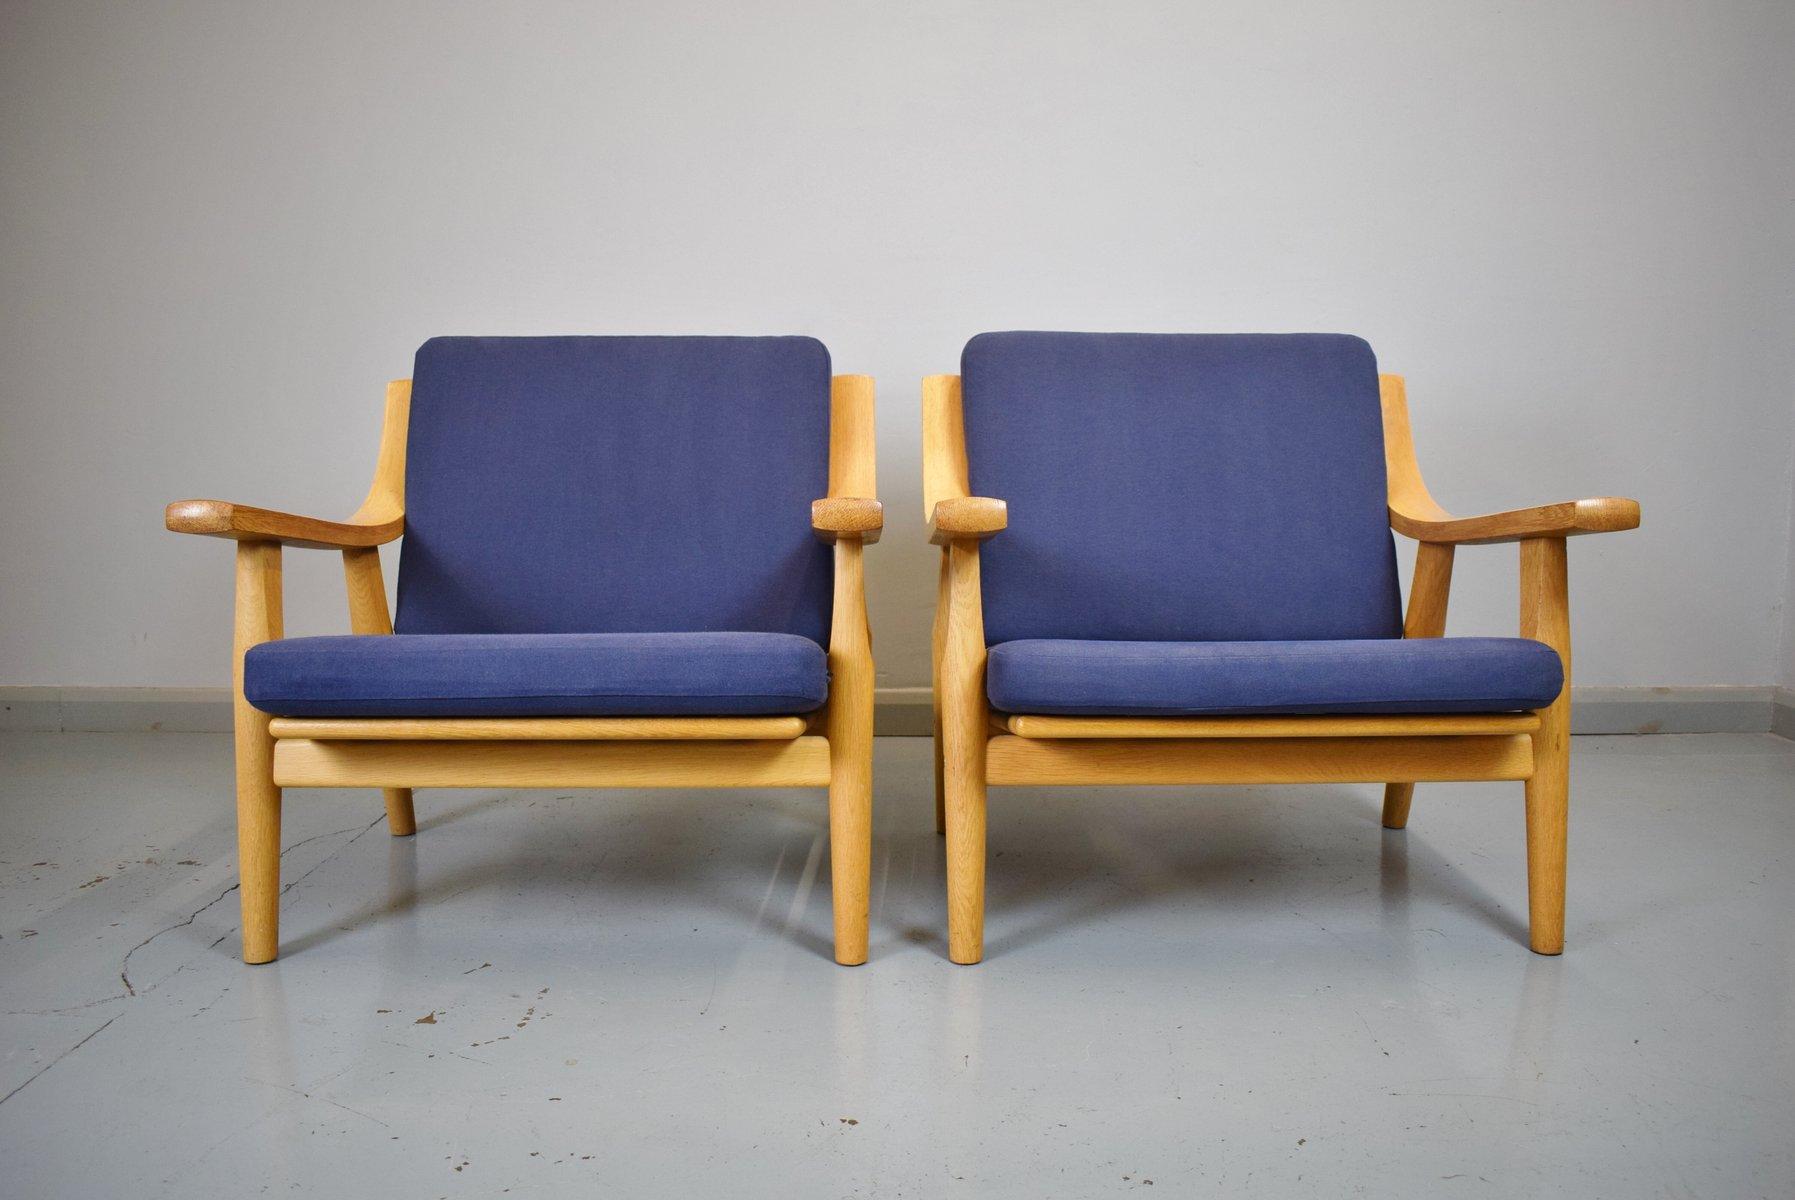 d nischer ge 530 sessel von hans j wegner f r getama. Black Bedroom Furniture Sets. Home Design Ideas